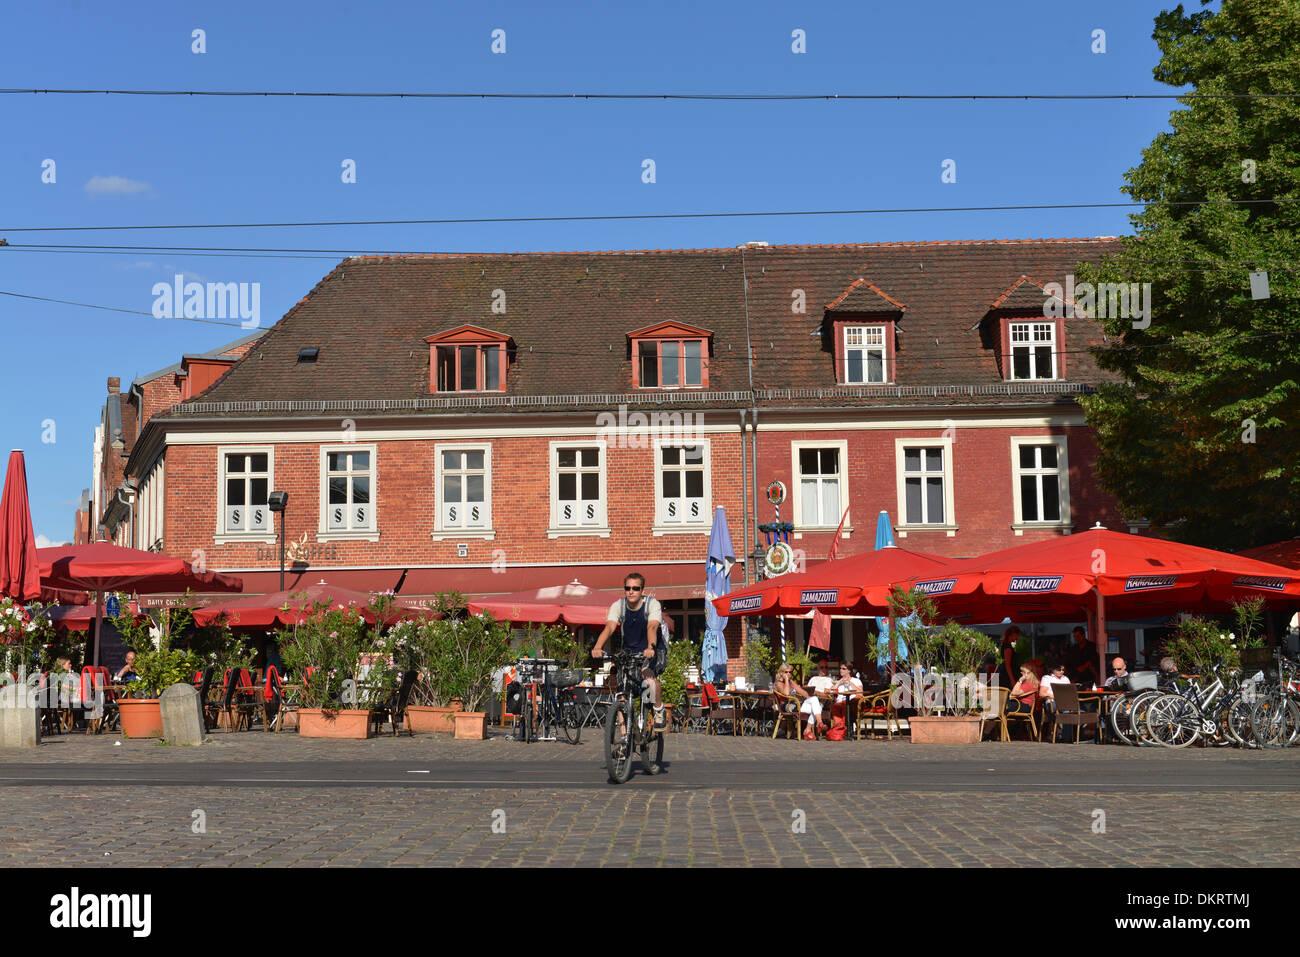 Cafe Heider Hollaendisches Viertel Friedrich Ebert Straße Potsdam